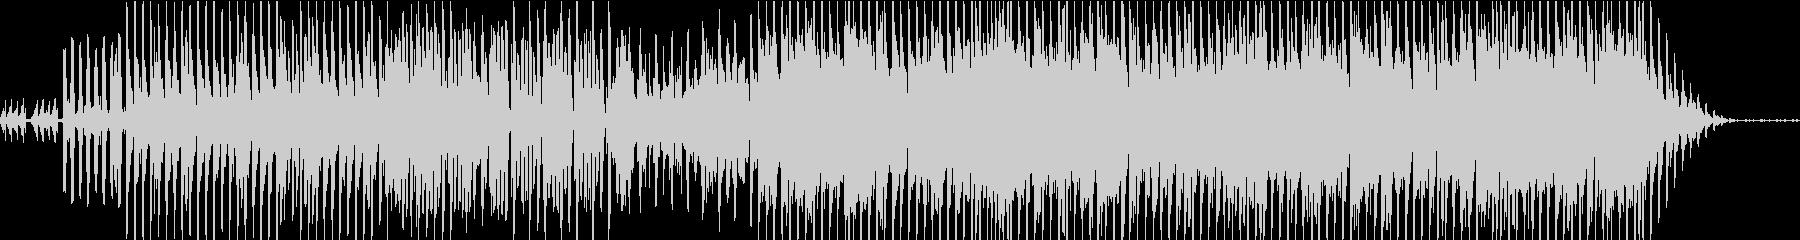 エレクトロなテクノポップの未再生の波形